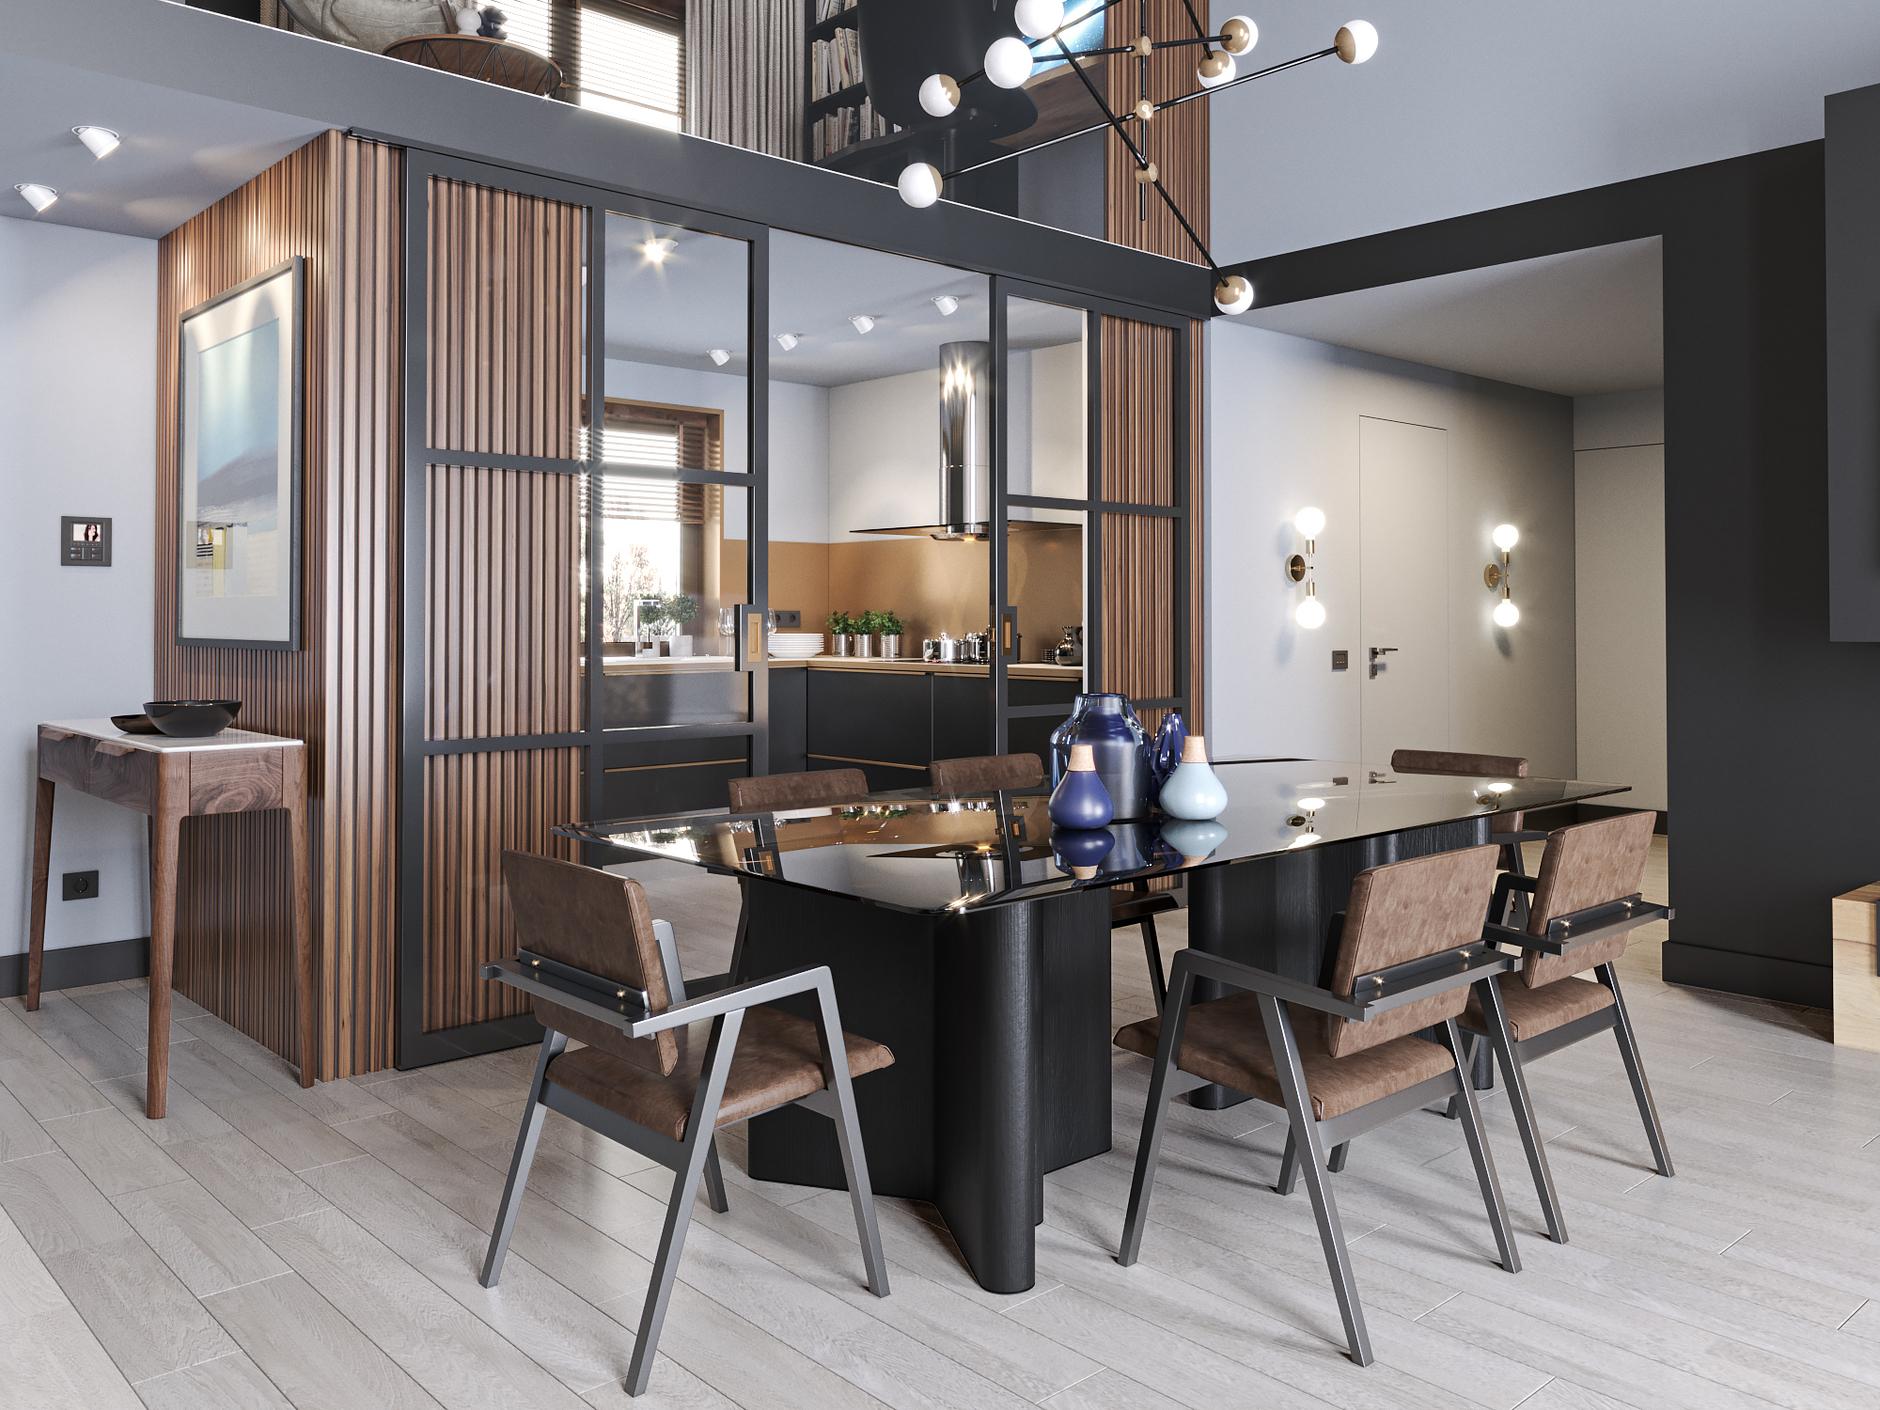 «Кухня в стиле Smeg»: итоги конкурса (галерея 2, фото 1)